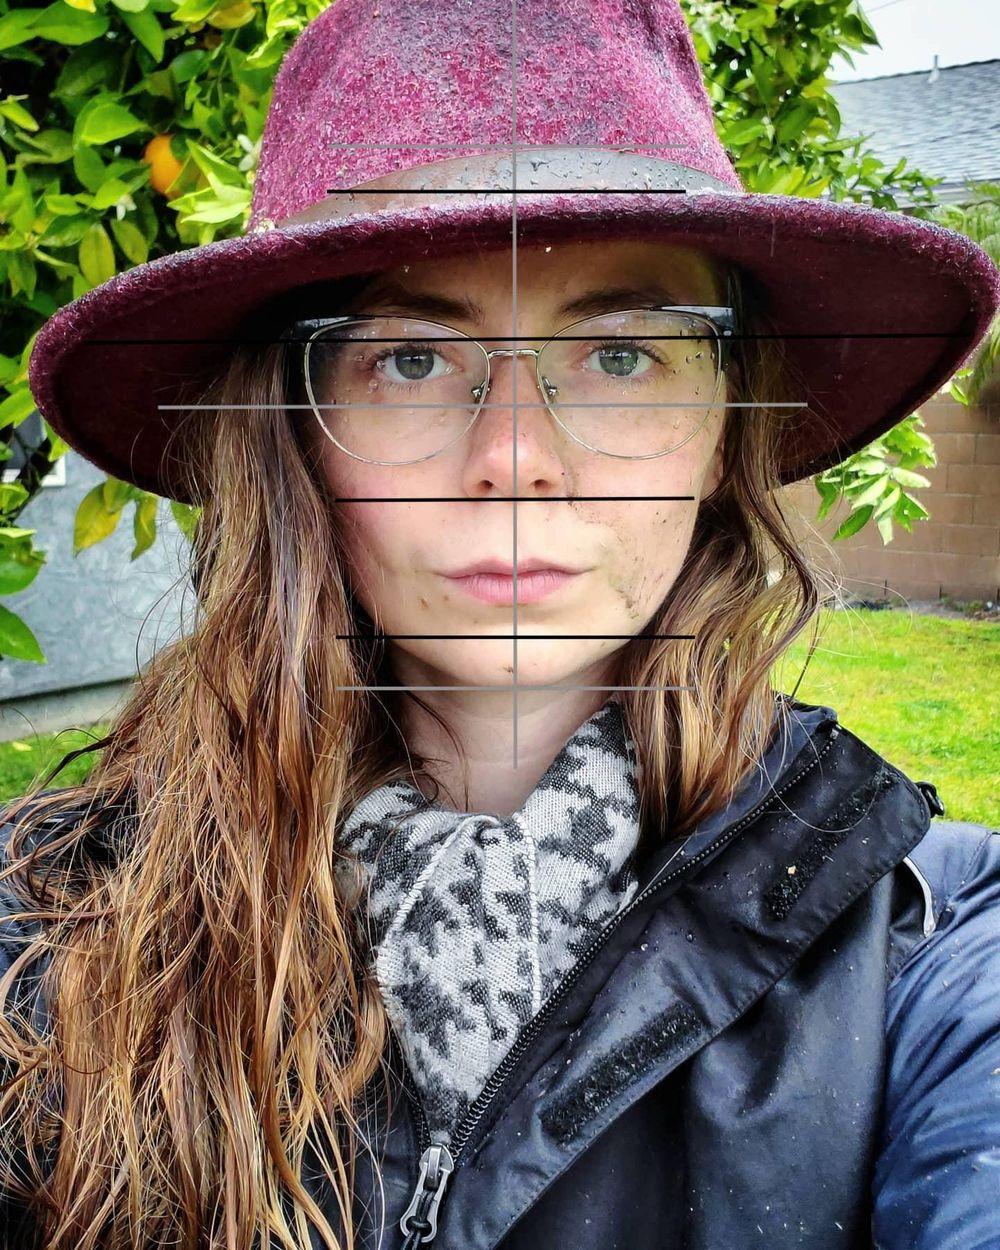 Self Portrait Attempts - image 4 - student project